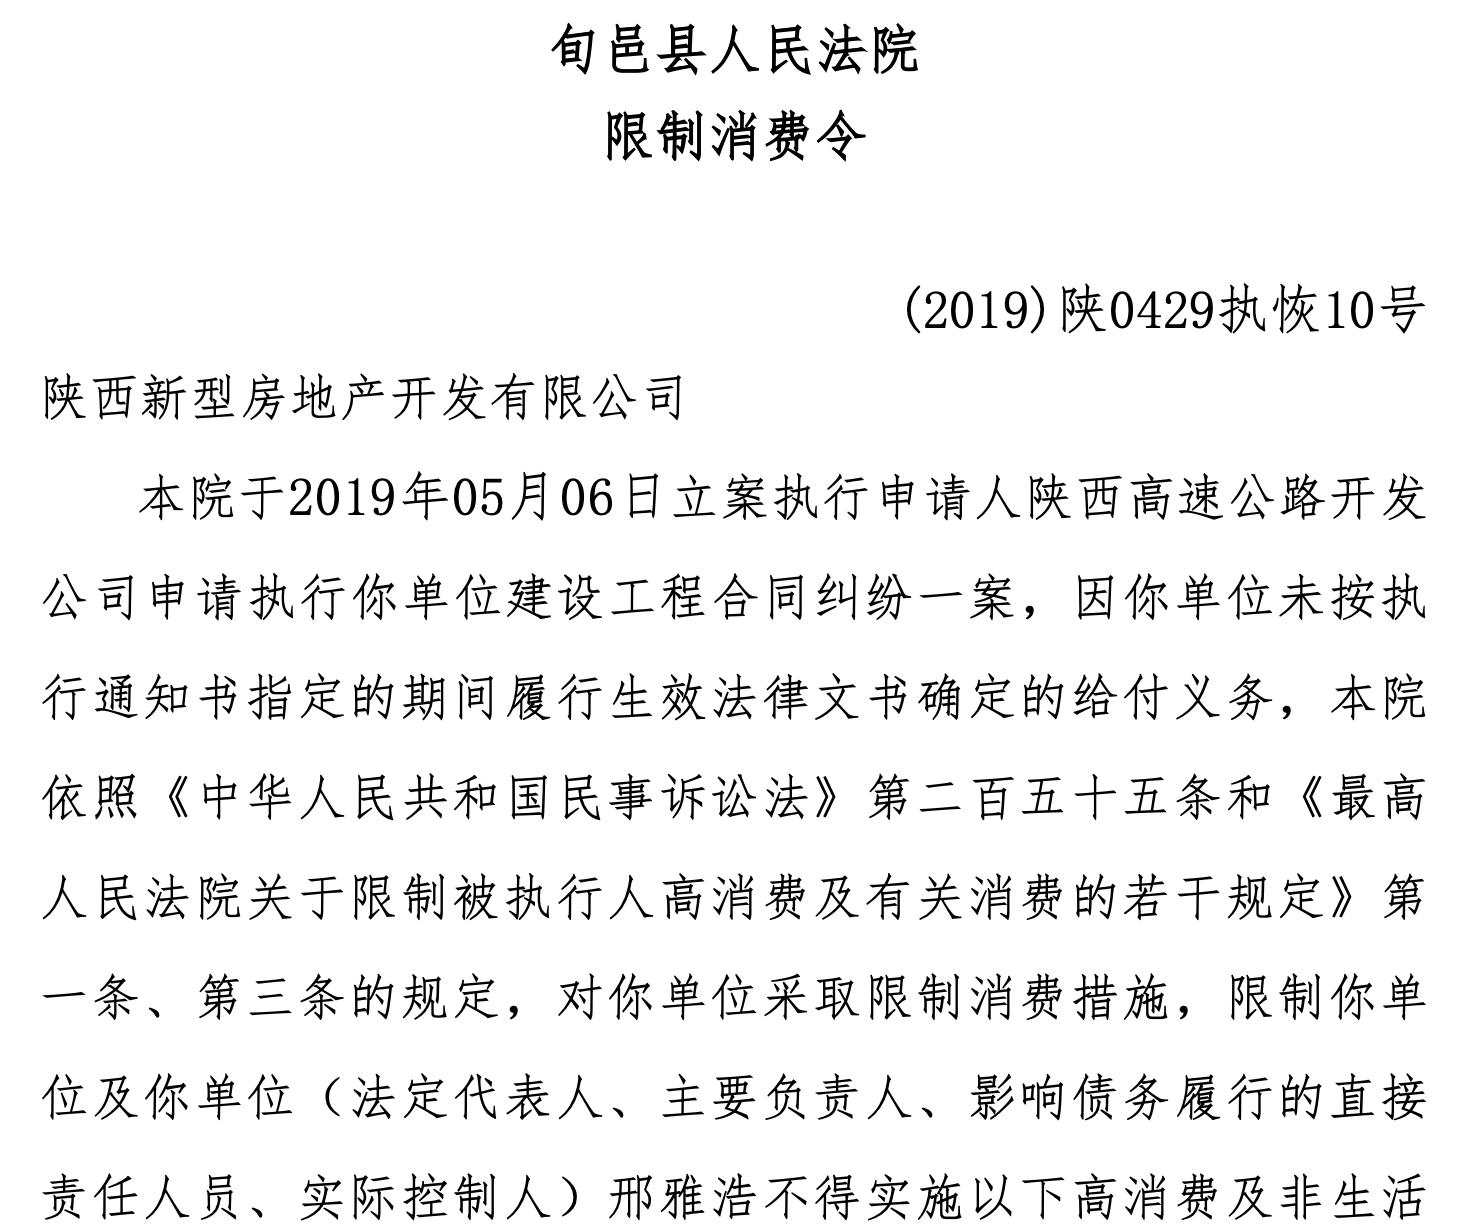 [摩天登录]背后陕西百亿摩天登录民企西部集团强势图片